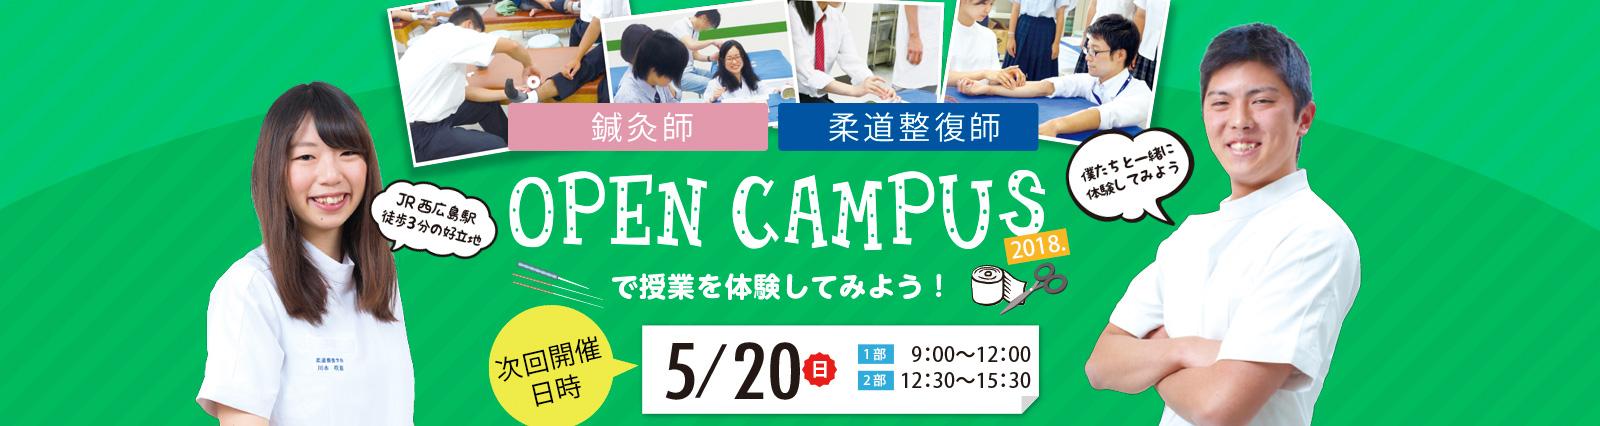 広島西区柔道整復師・鍼灸師 朝日医療専門学校広島校 第二回オープンキャンパス開催のお知らせ